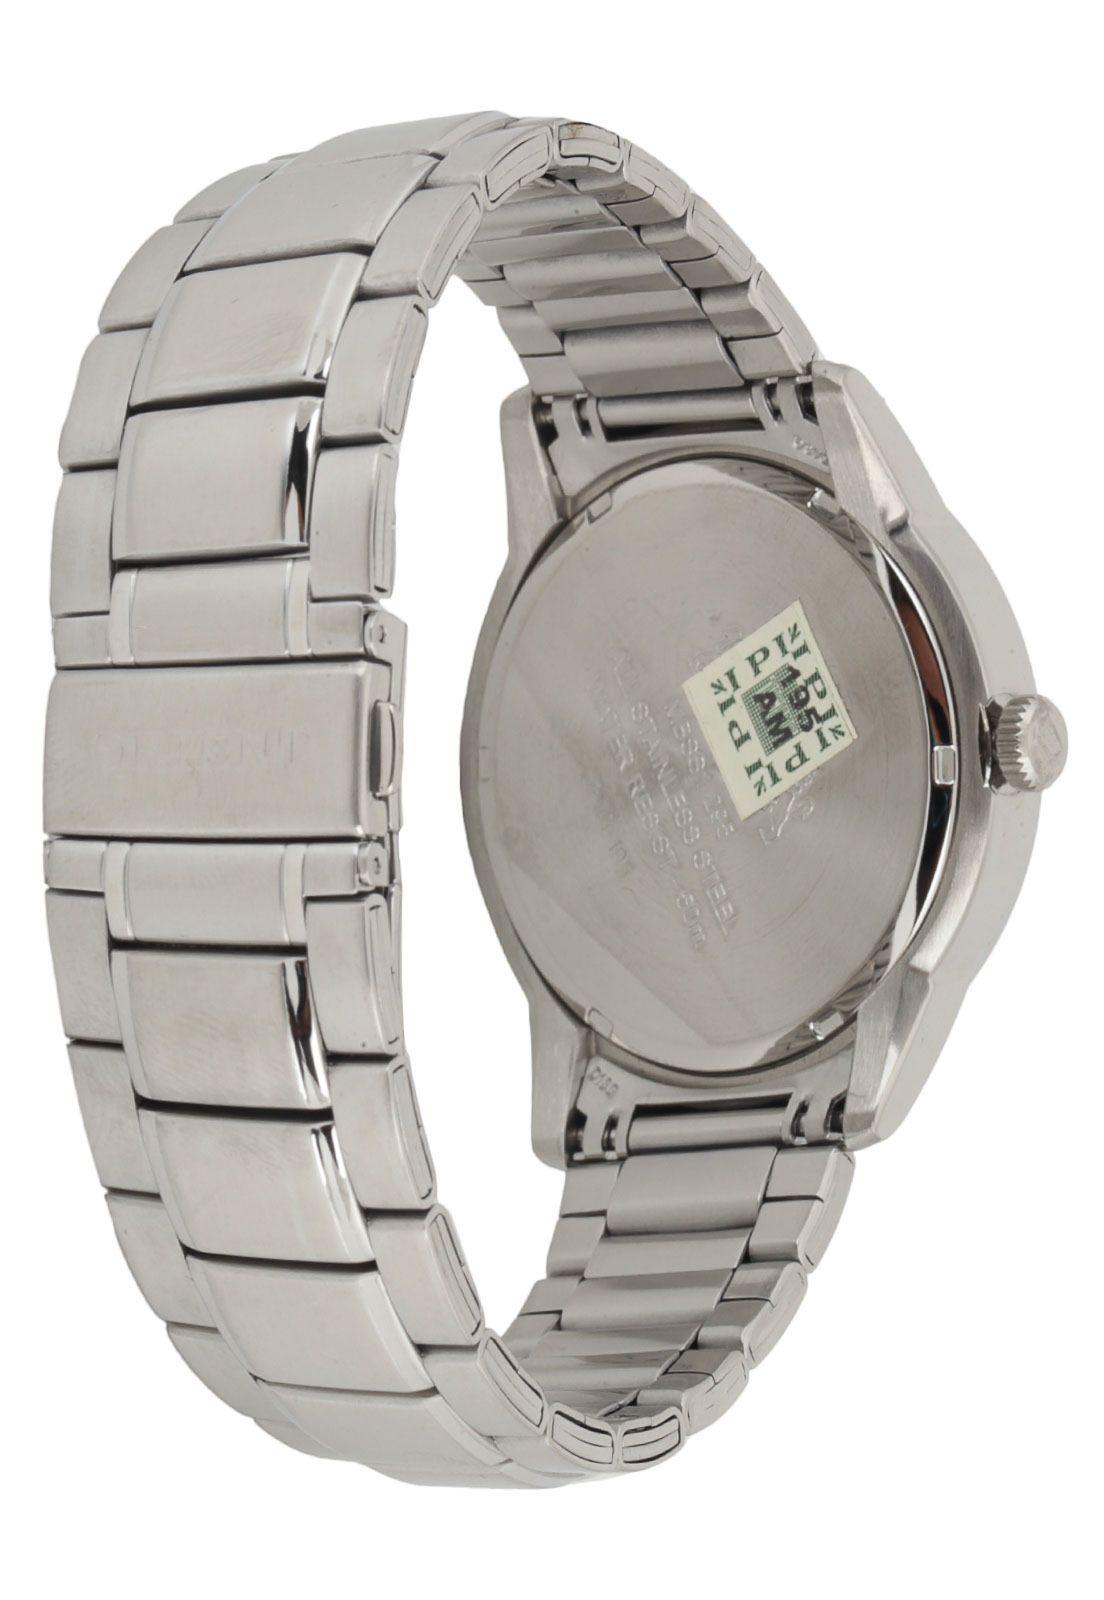 a1ba2968ef6 ... Relógio Orient Masculino Prata Pulseira Aço Mostrador Preto Resistência  50M Caixa 47mm Mbss1295 - ALLTENTICA ...